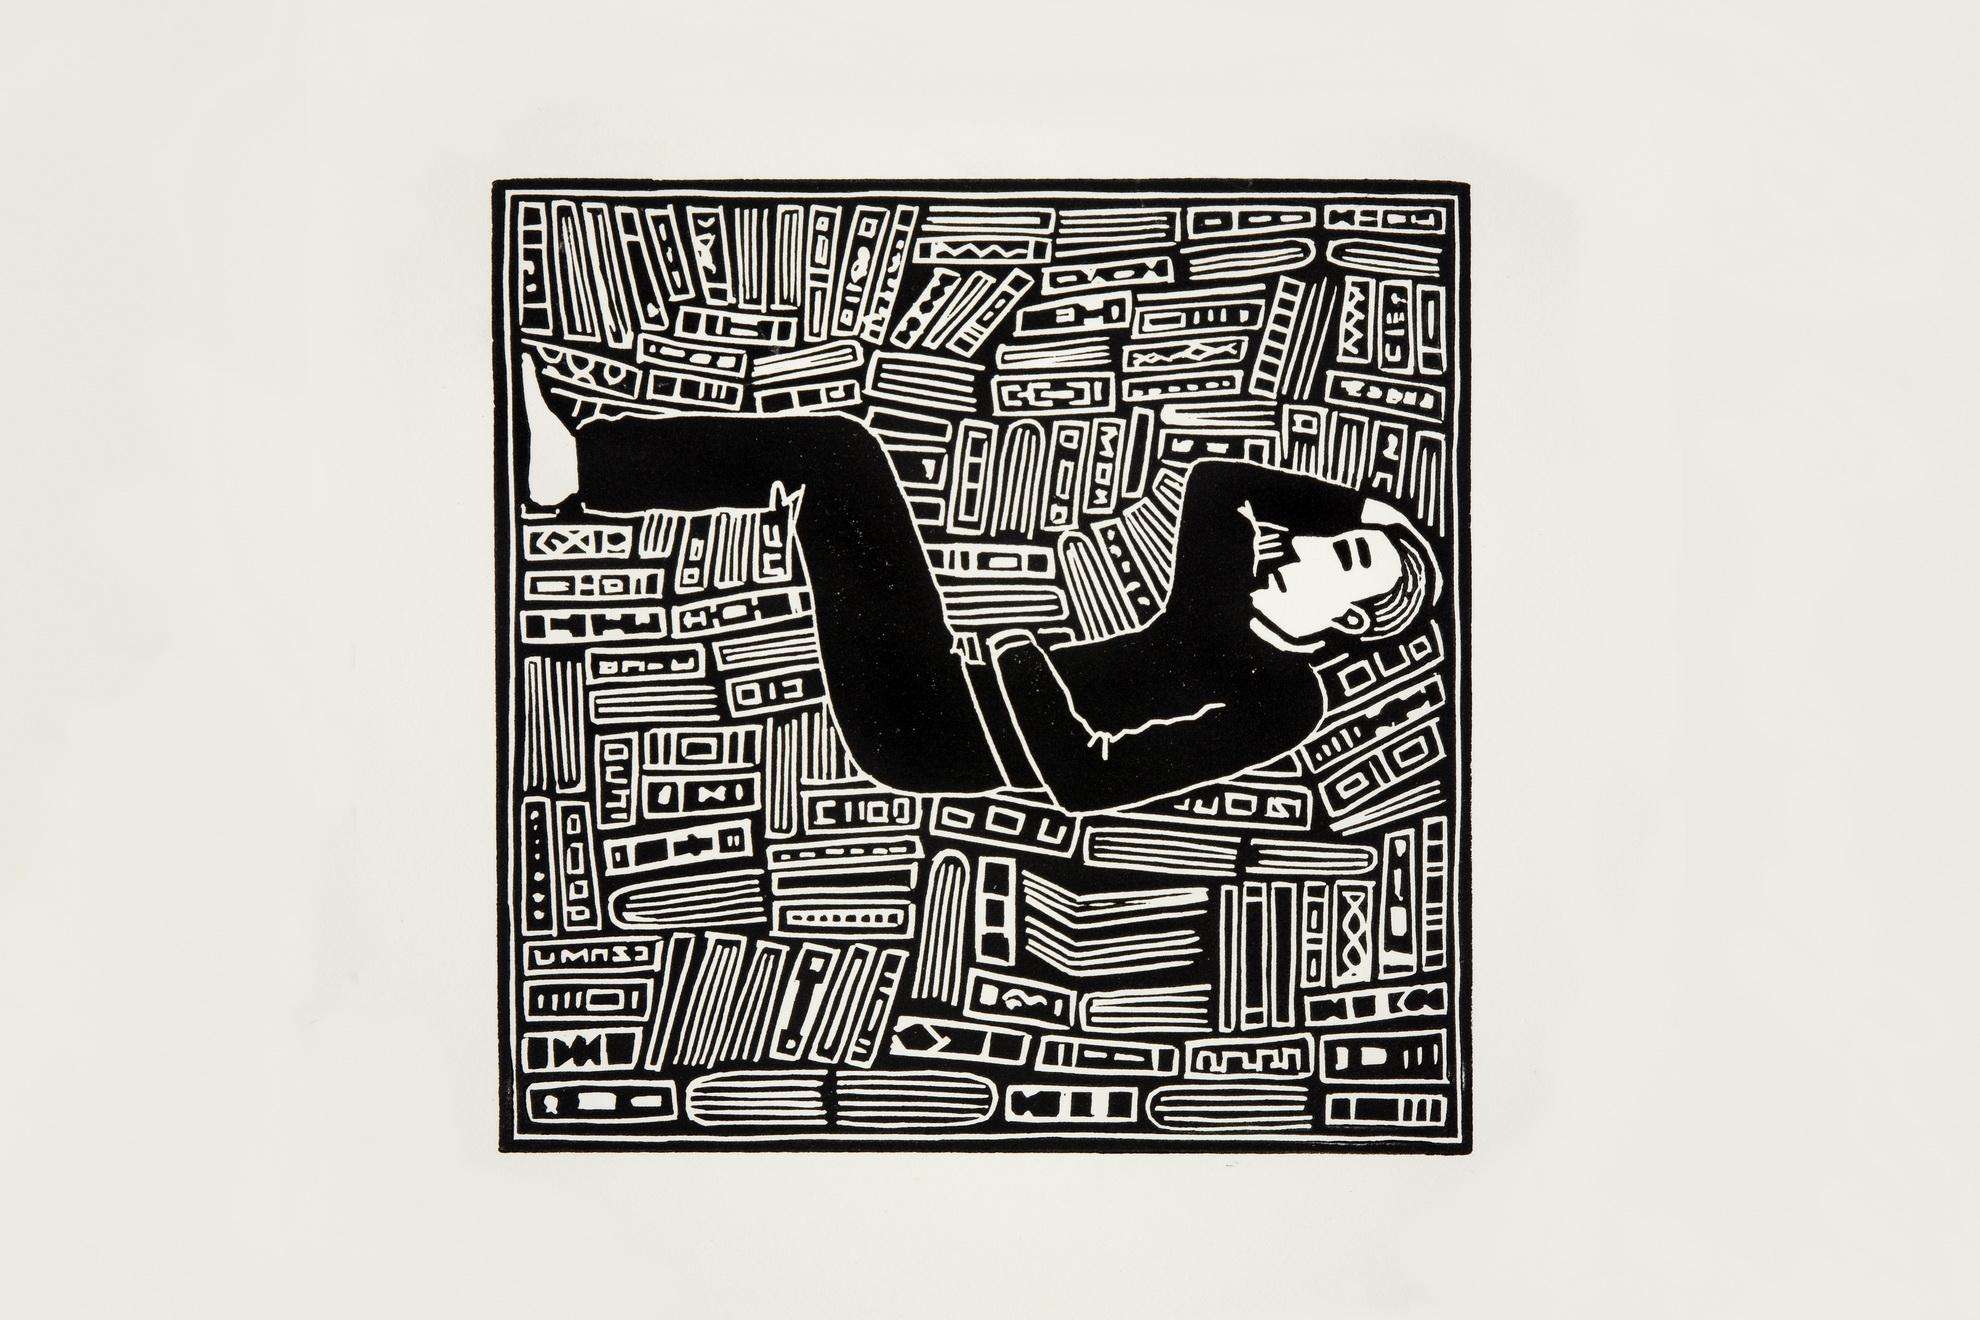 Els Pardon Beeldend Kunstenaar lino Liggende man en boeken (12,5x12,5cm) 2018